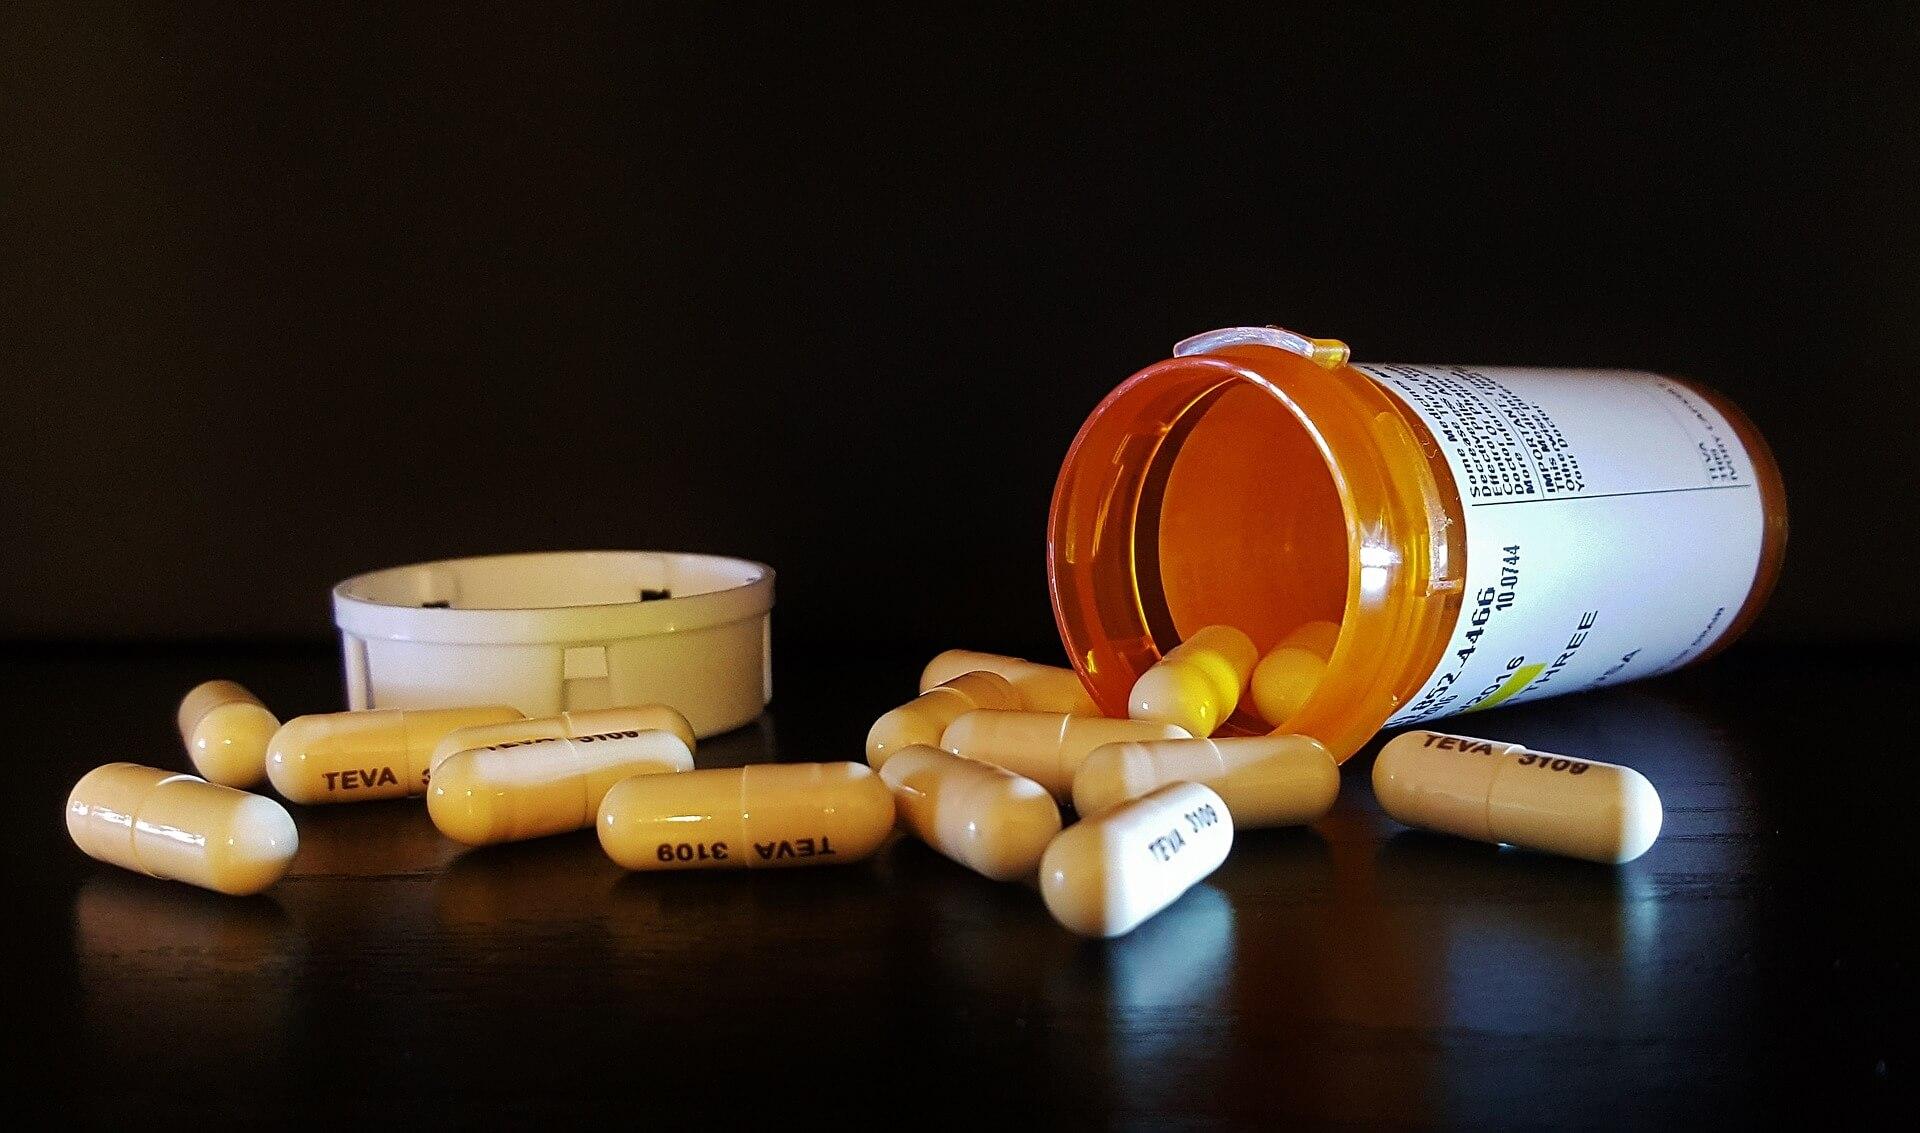 Xanax & Vicodin – Most Prescribed Medications